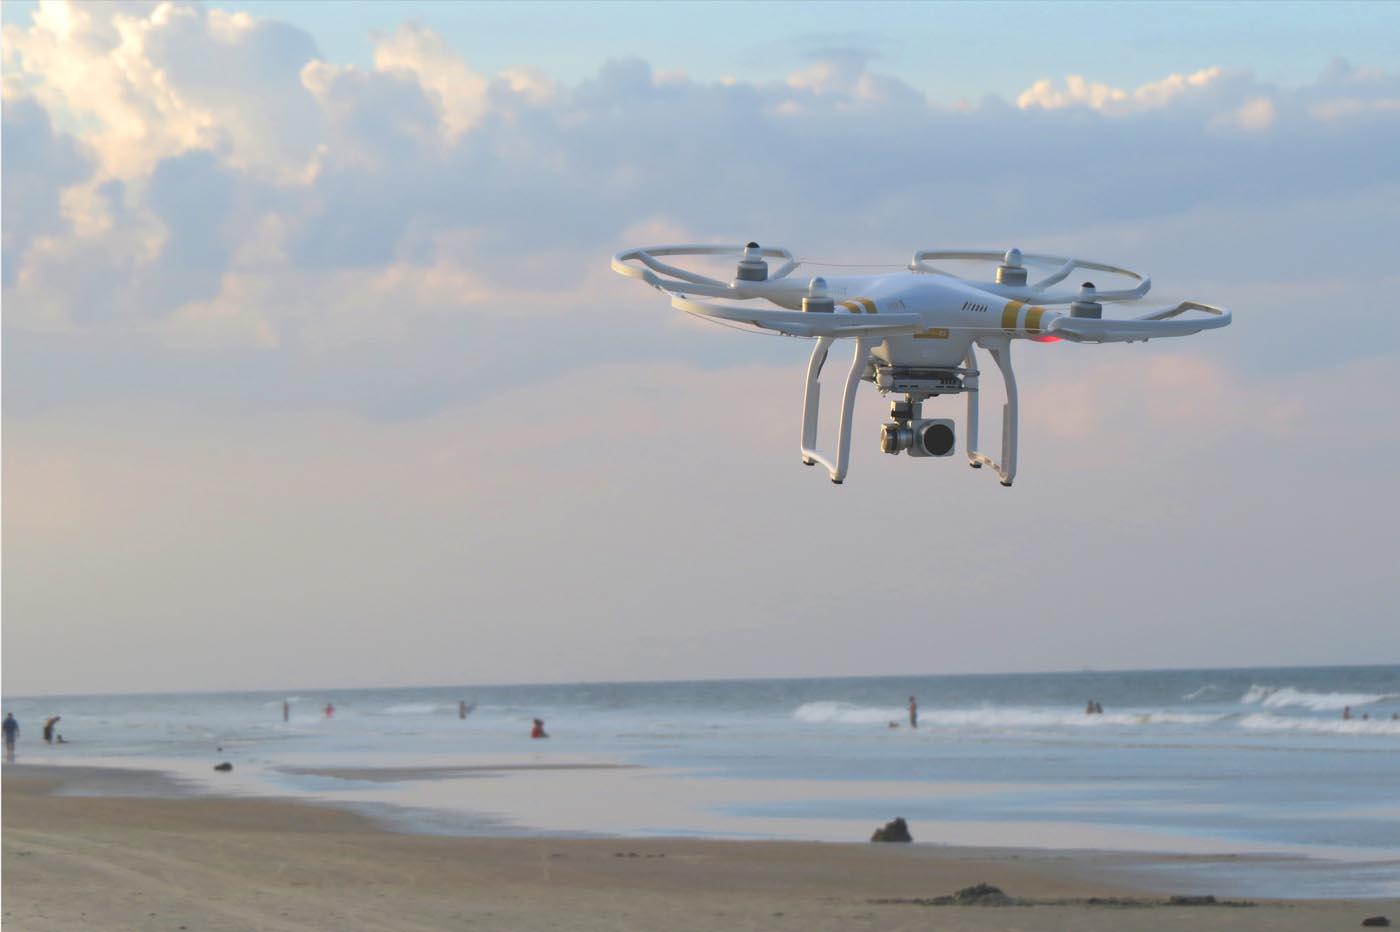 Le marché des drones explose et oblige les autorités à revoir leurs prévisions.